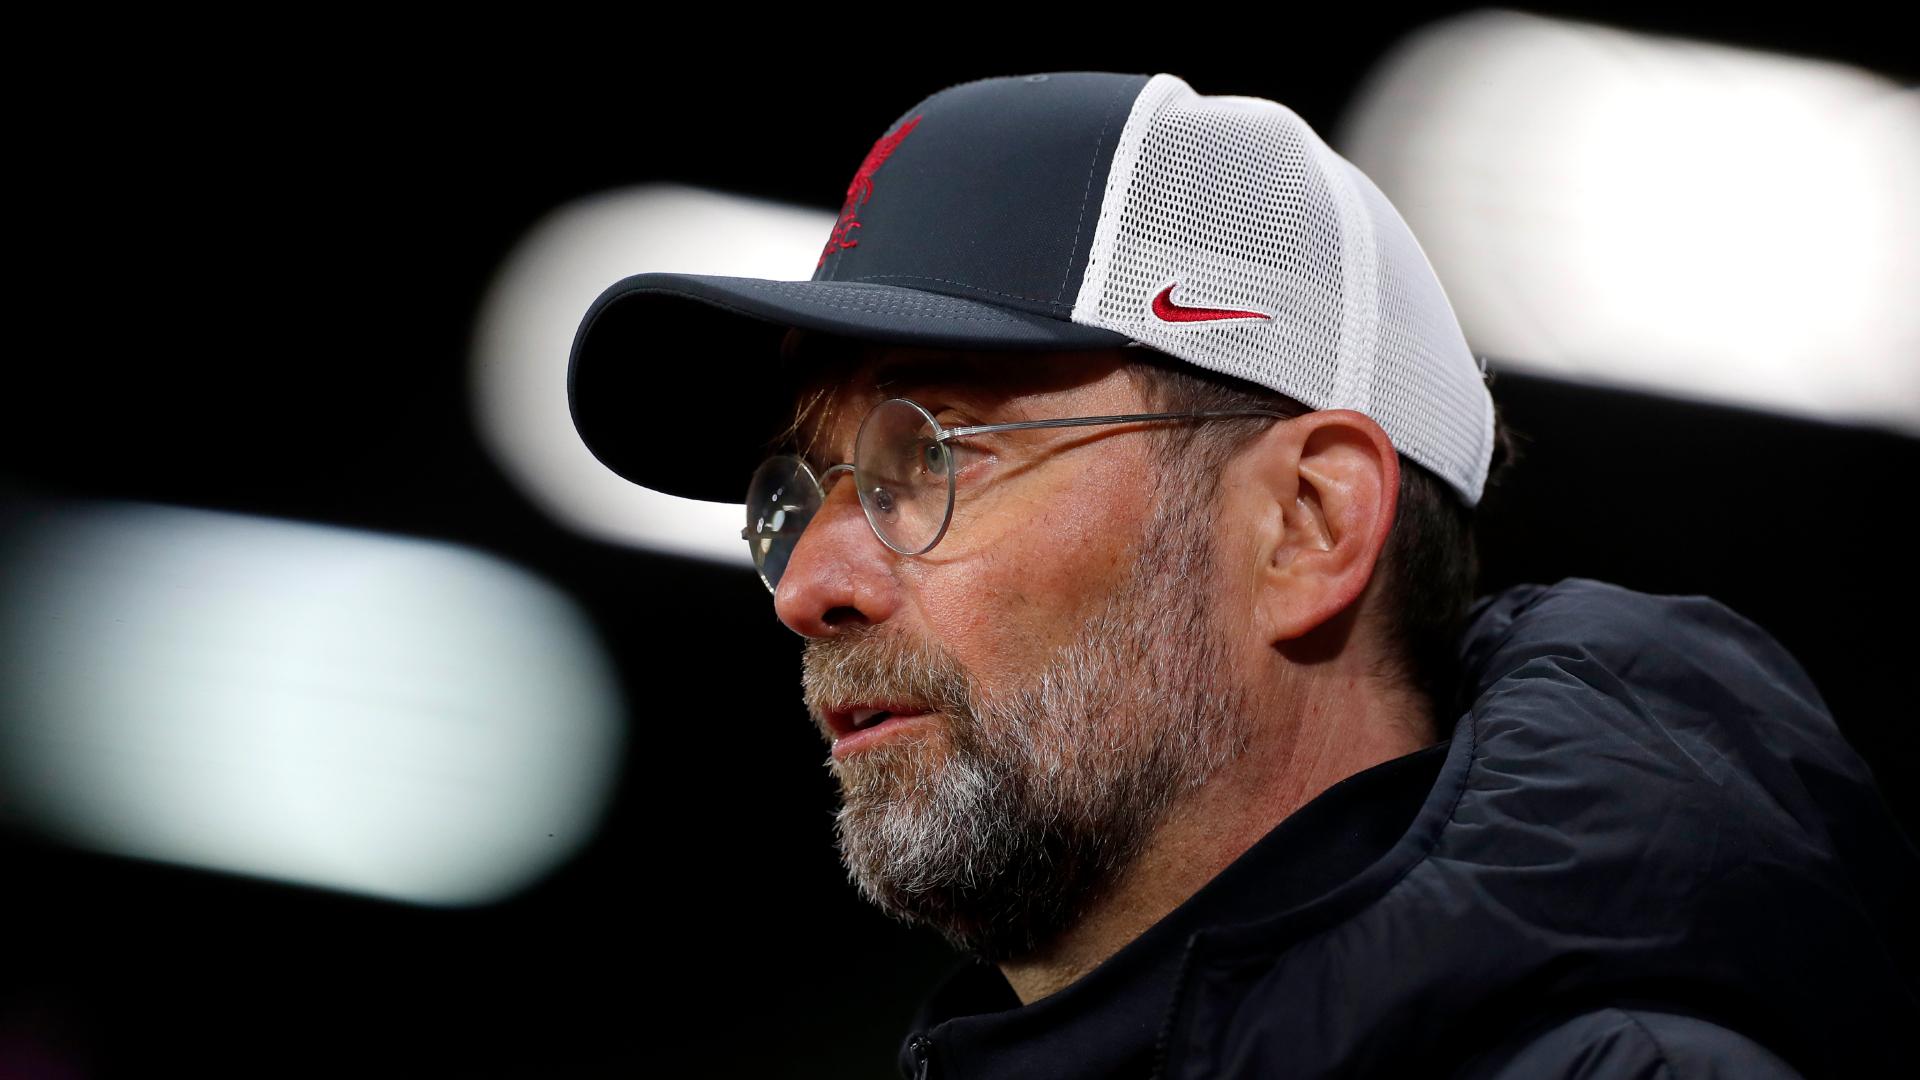 经纪人:克洛普绝对忠于利物浦 无欧战他也不会离开安菲尔德